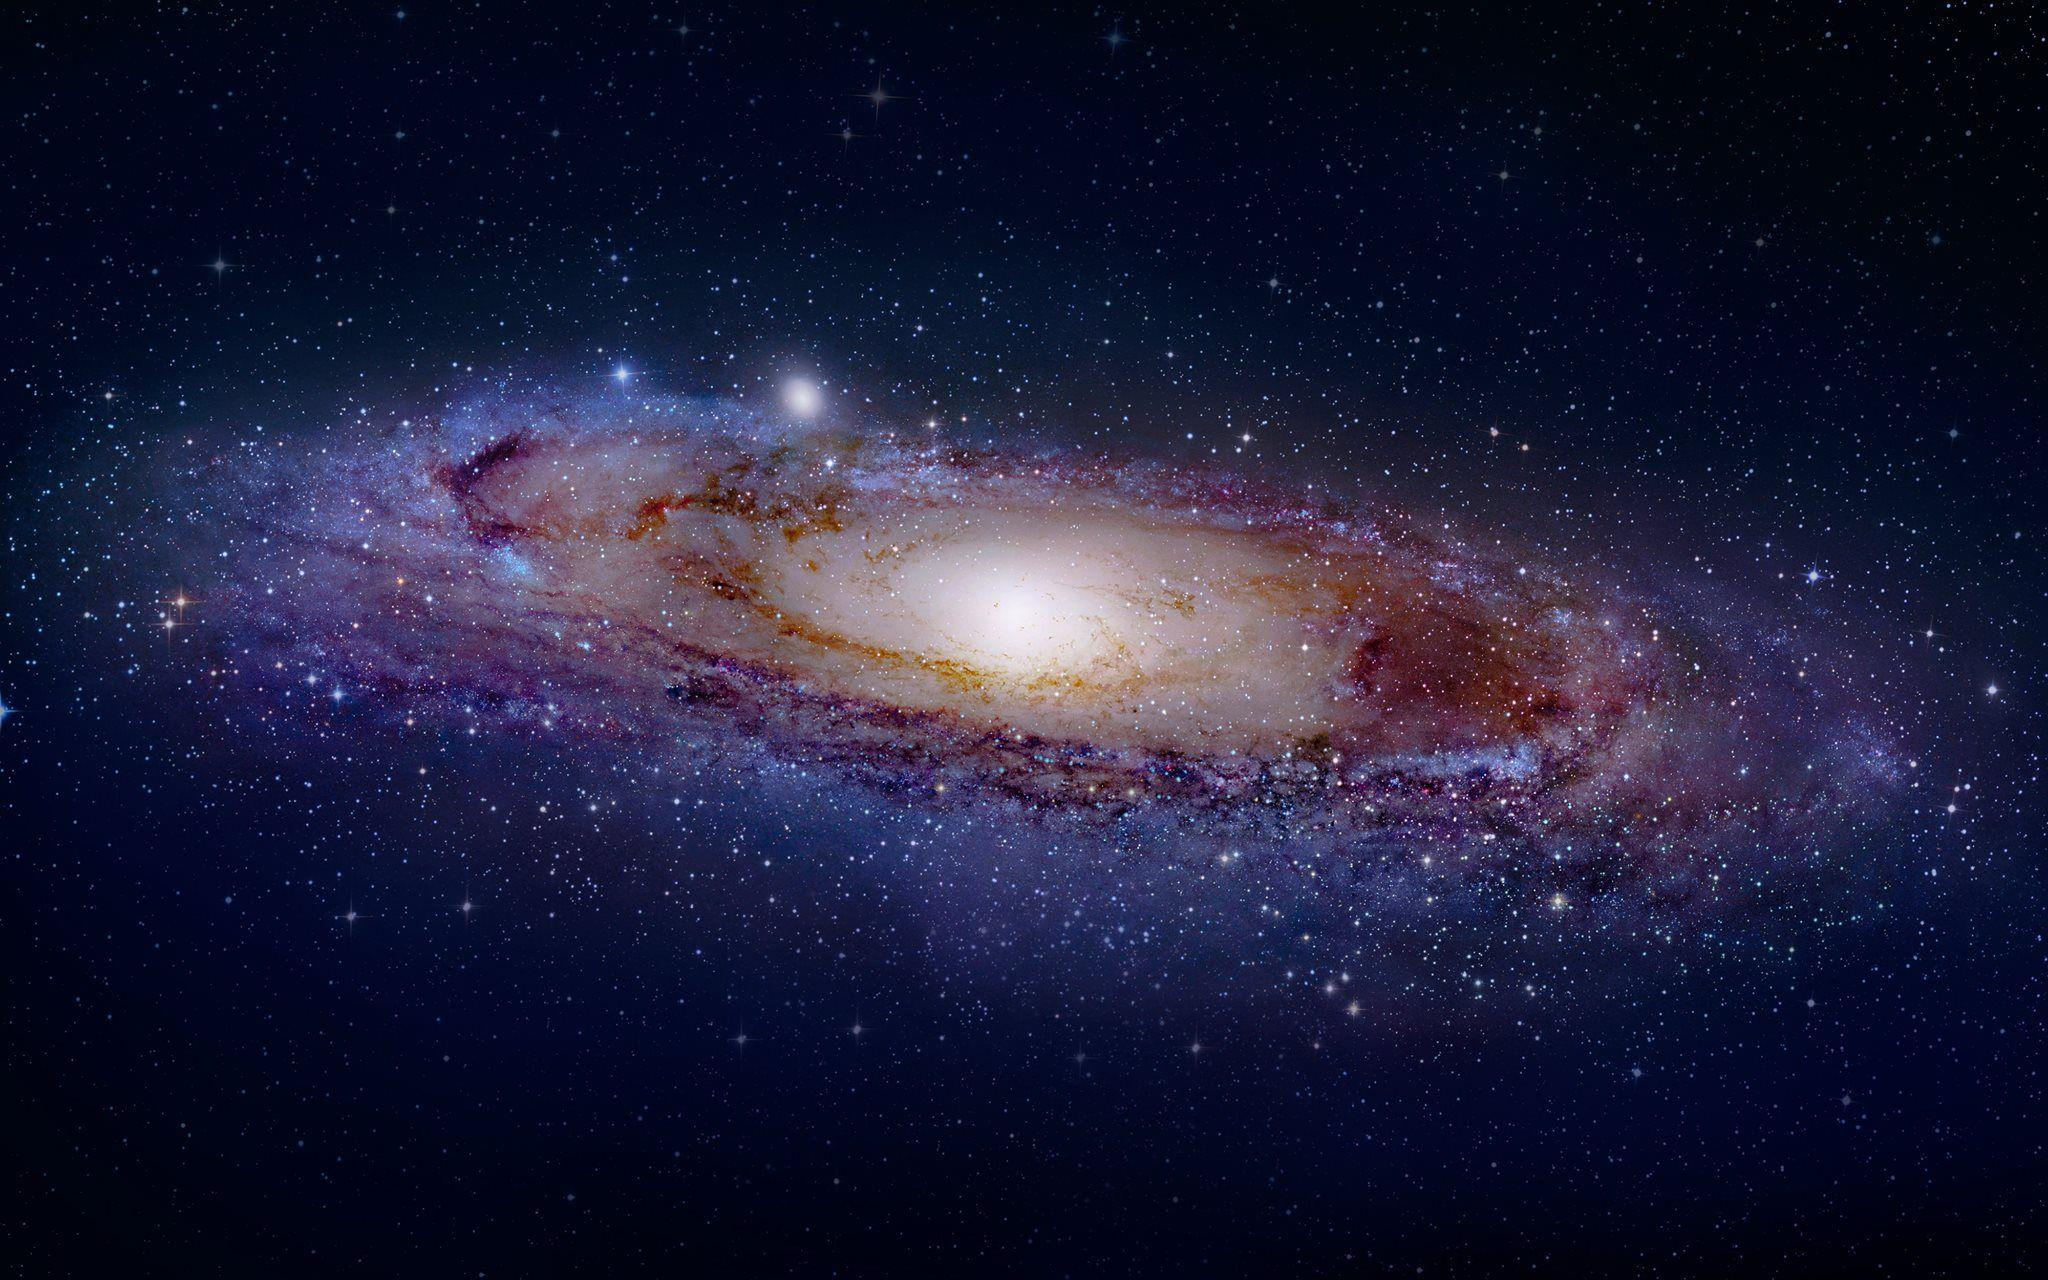 Andromeda Galaxy Wallpaper Hd Earth Blog Andromeda Galaxy Galaxy Wallpaper Astronomy